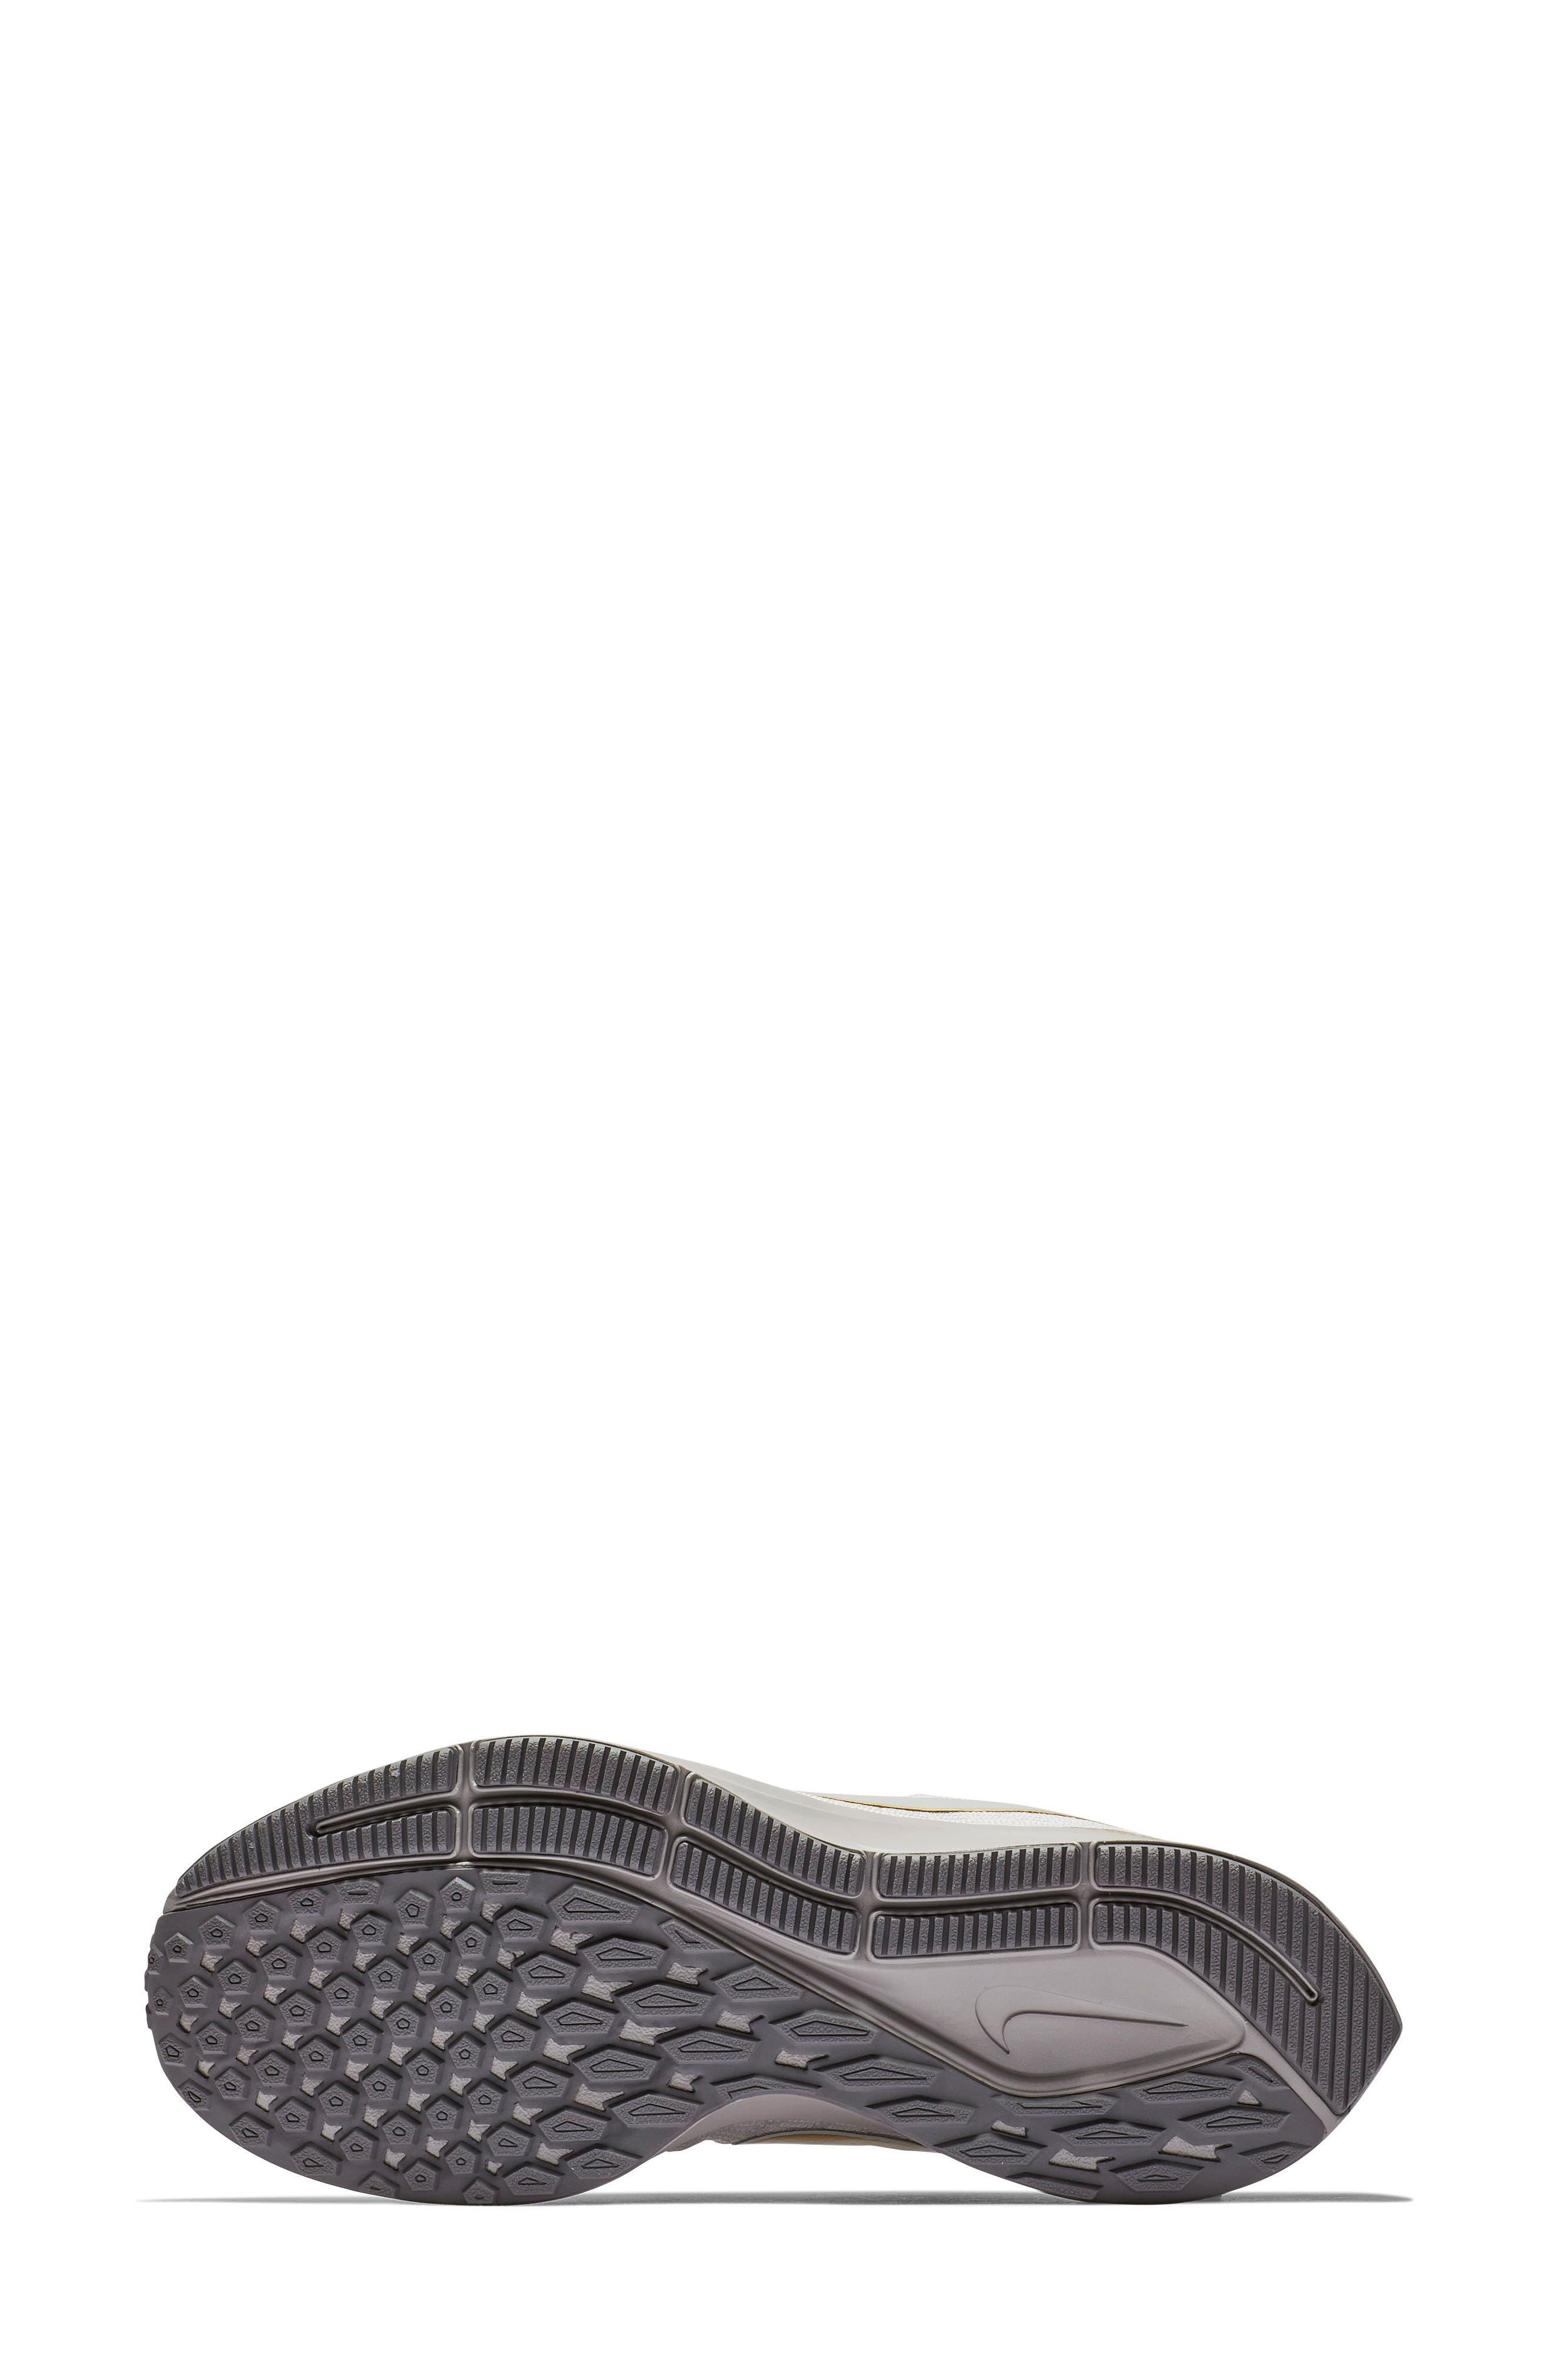 Air Zoom Pegasus 35 Premium Running Shoe,                             Alternate thumbnail 5, color,                             022